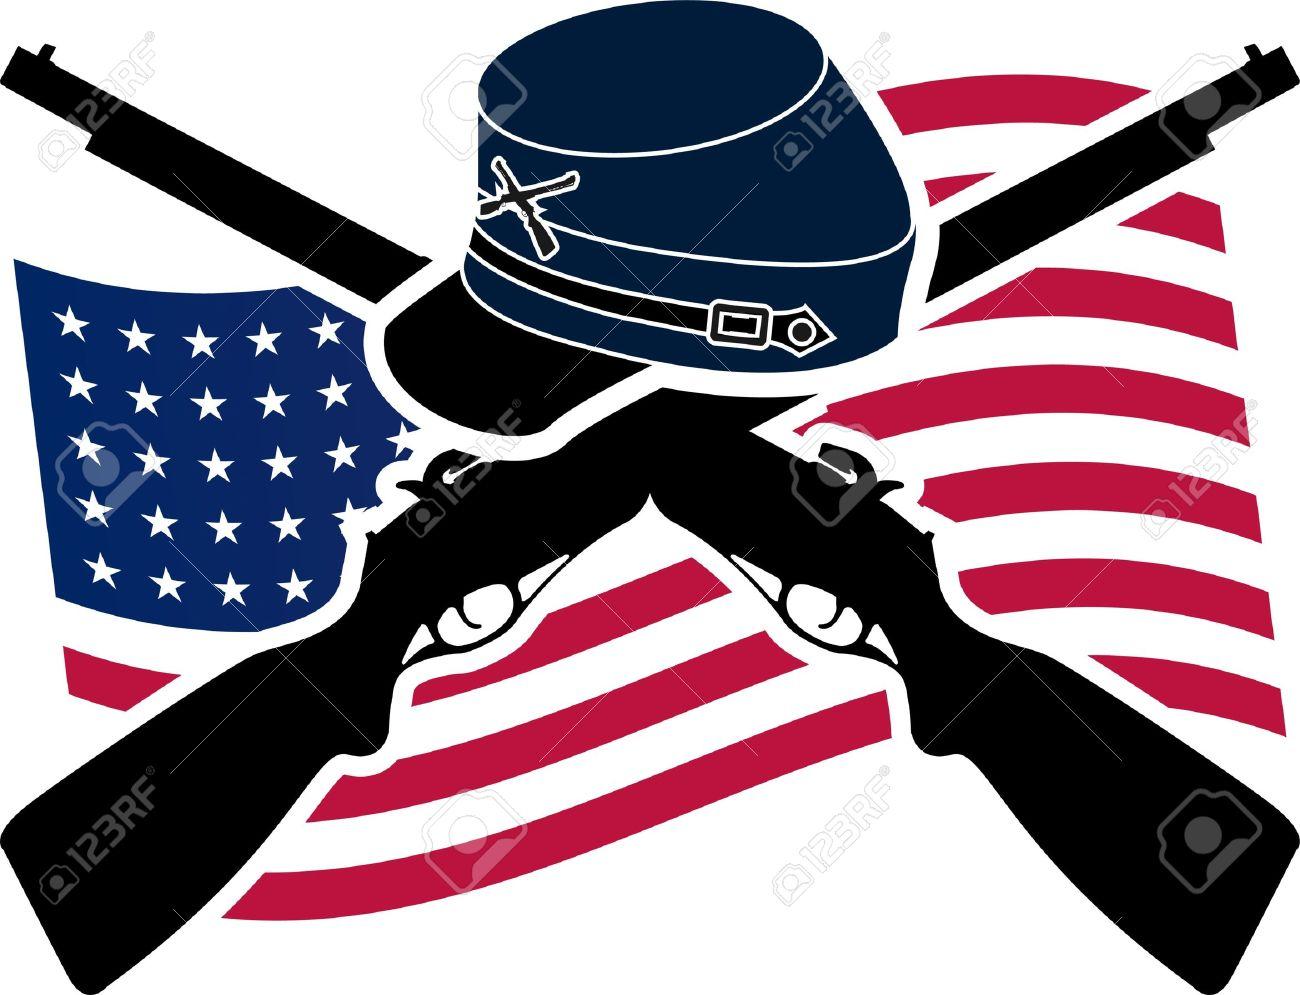 American Civil War  Union  Stencil Stock Vector - 14644125